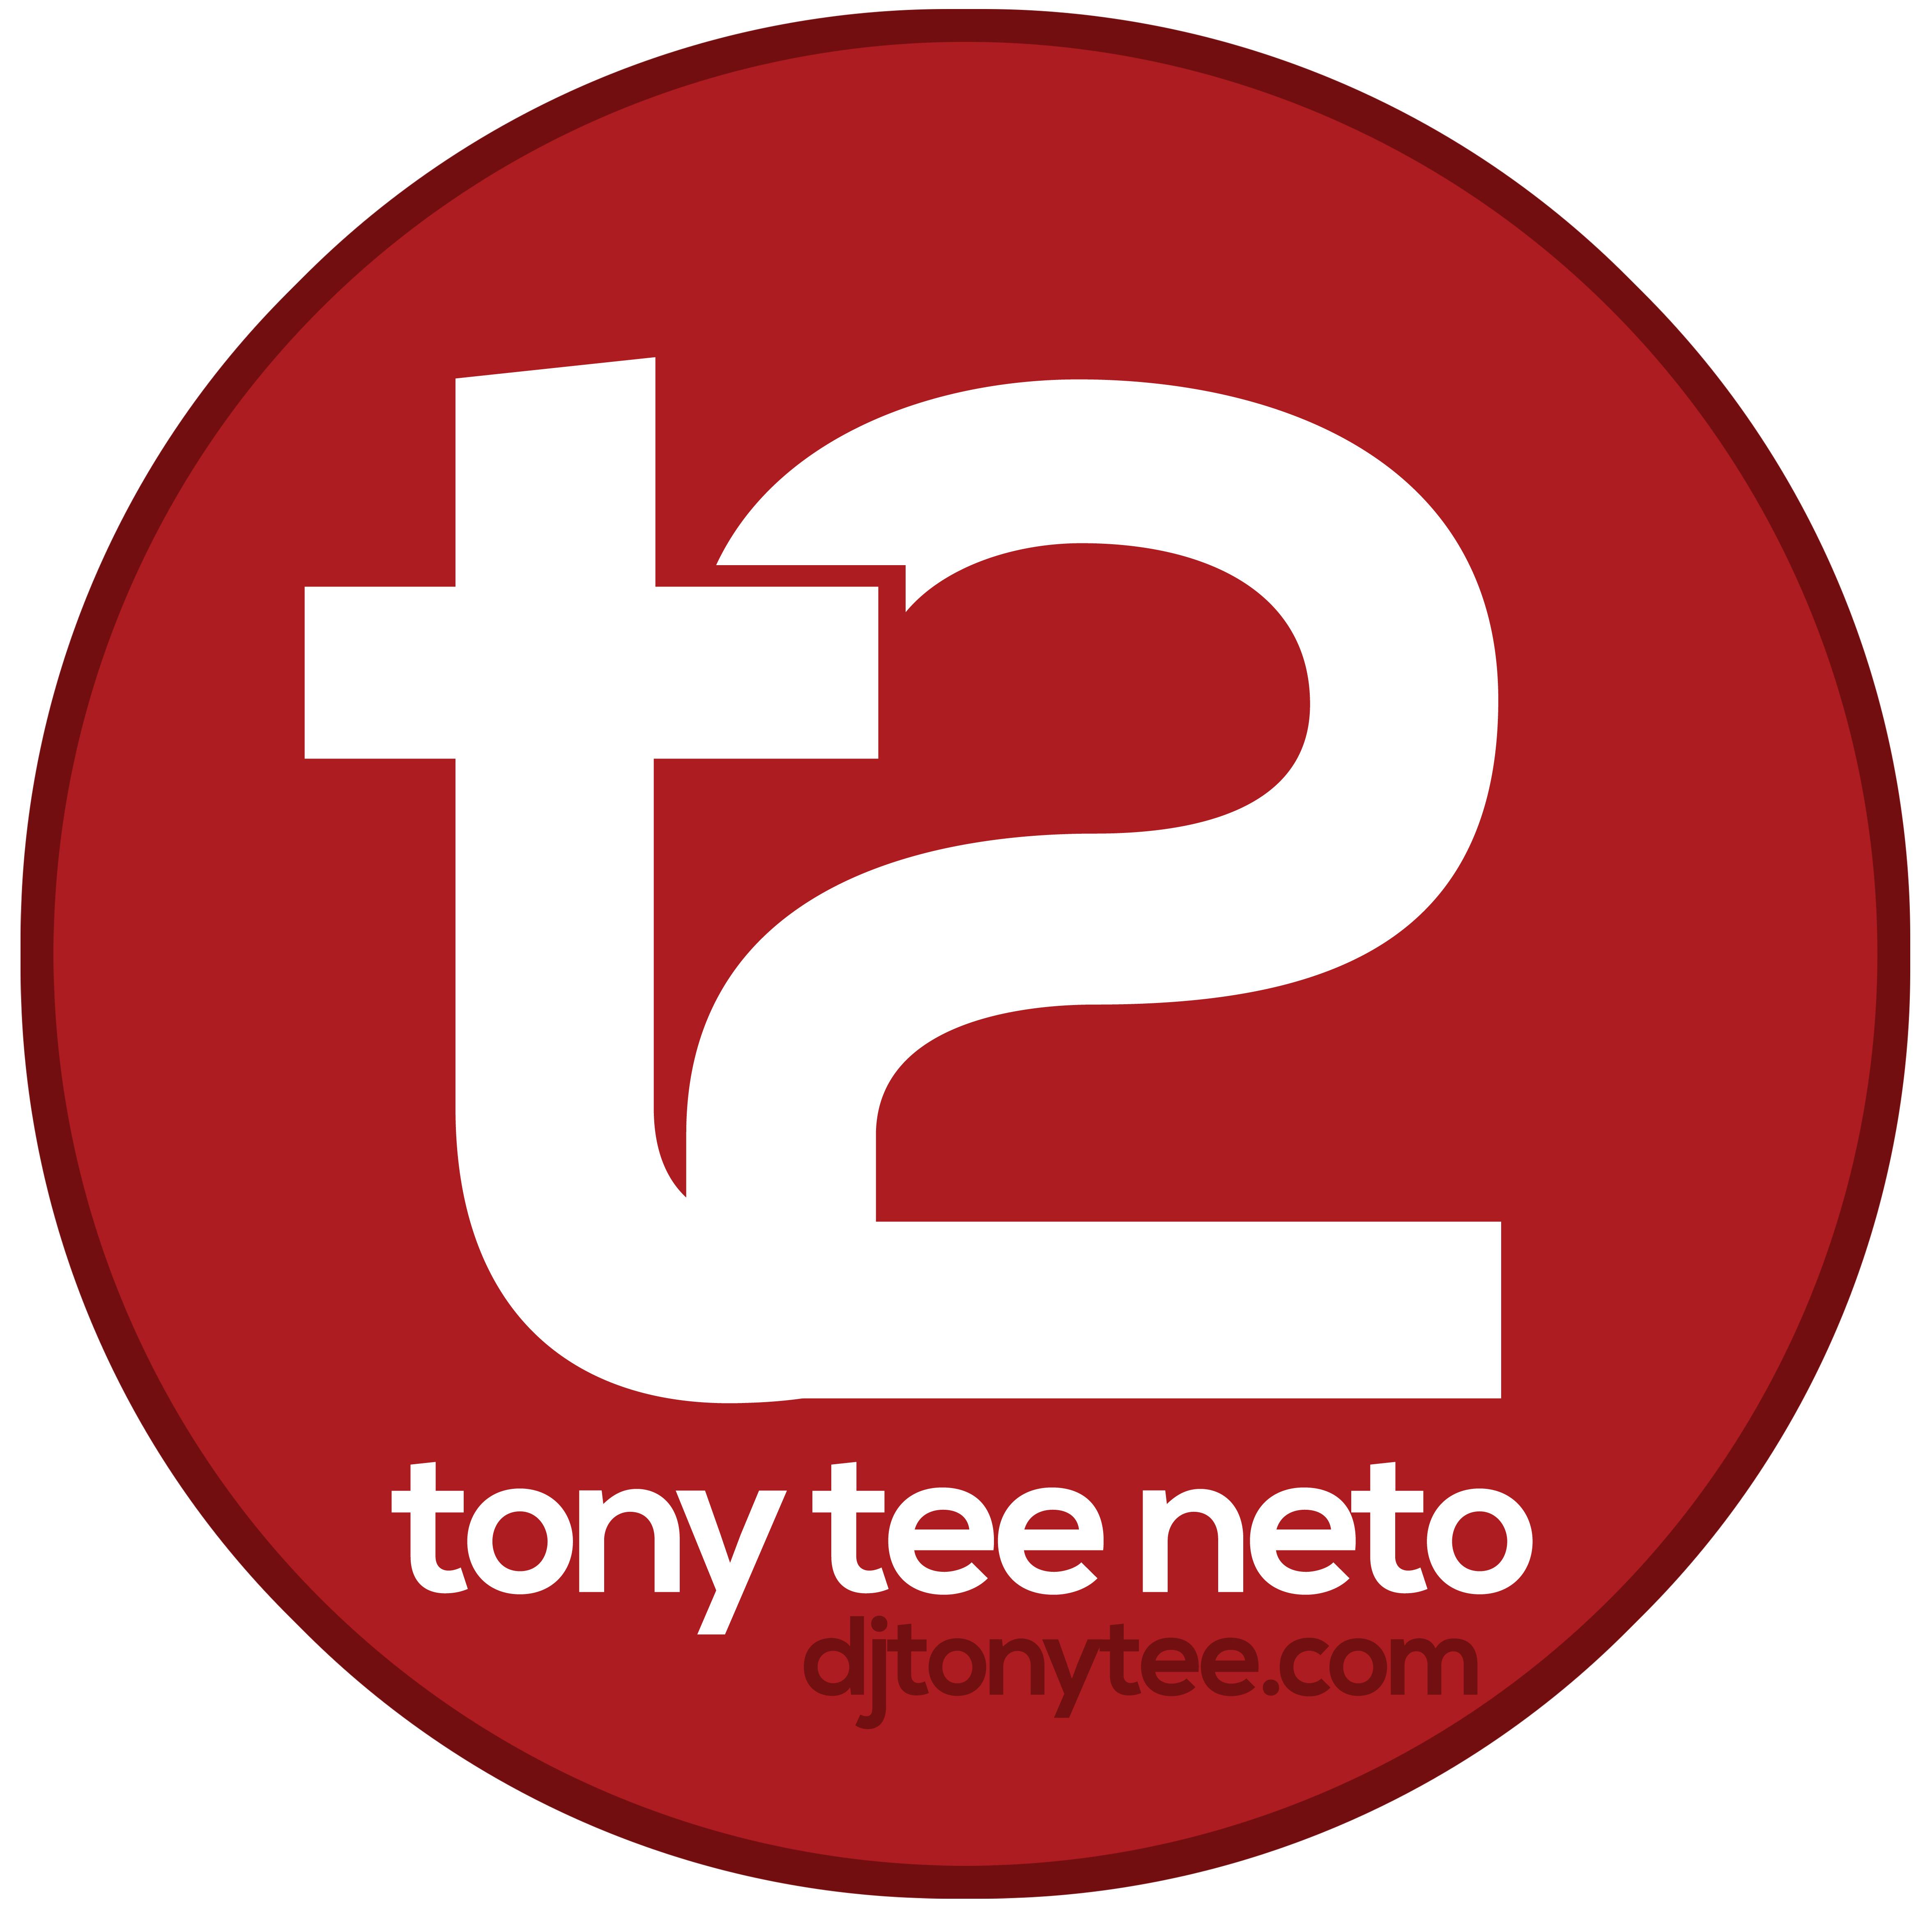 DJ Tony Tee Neto